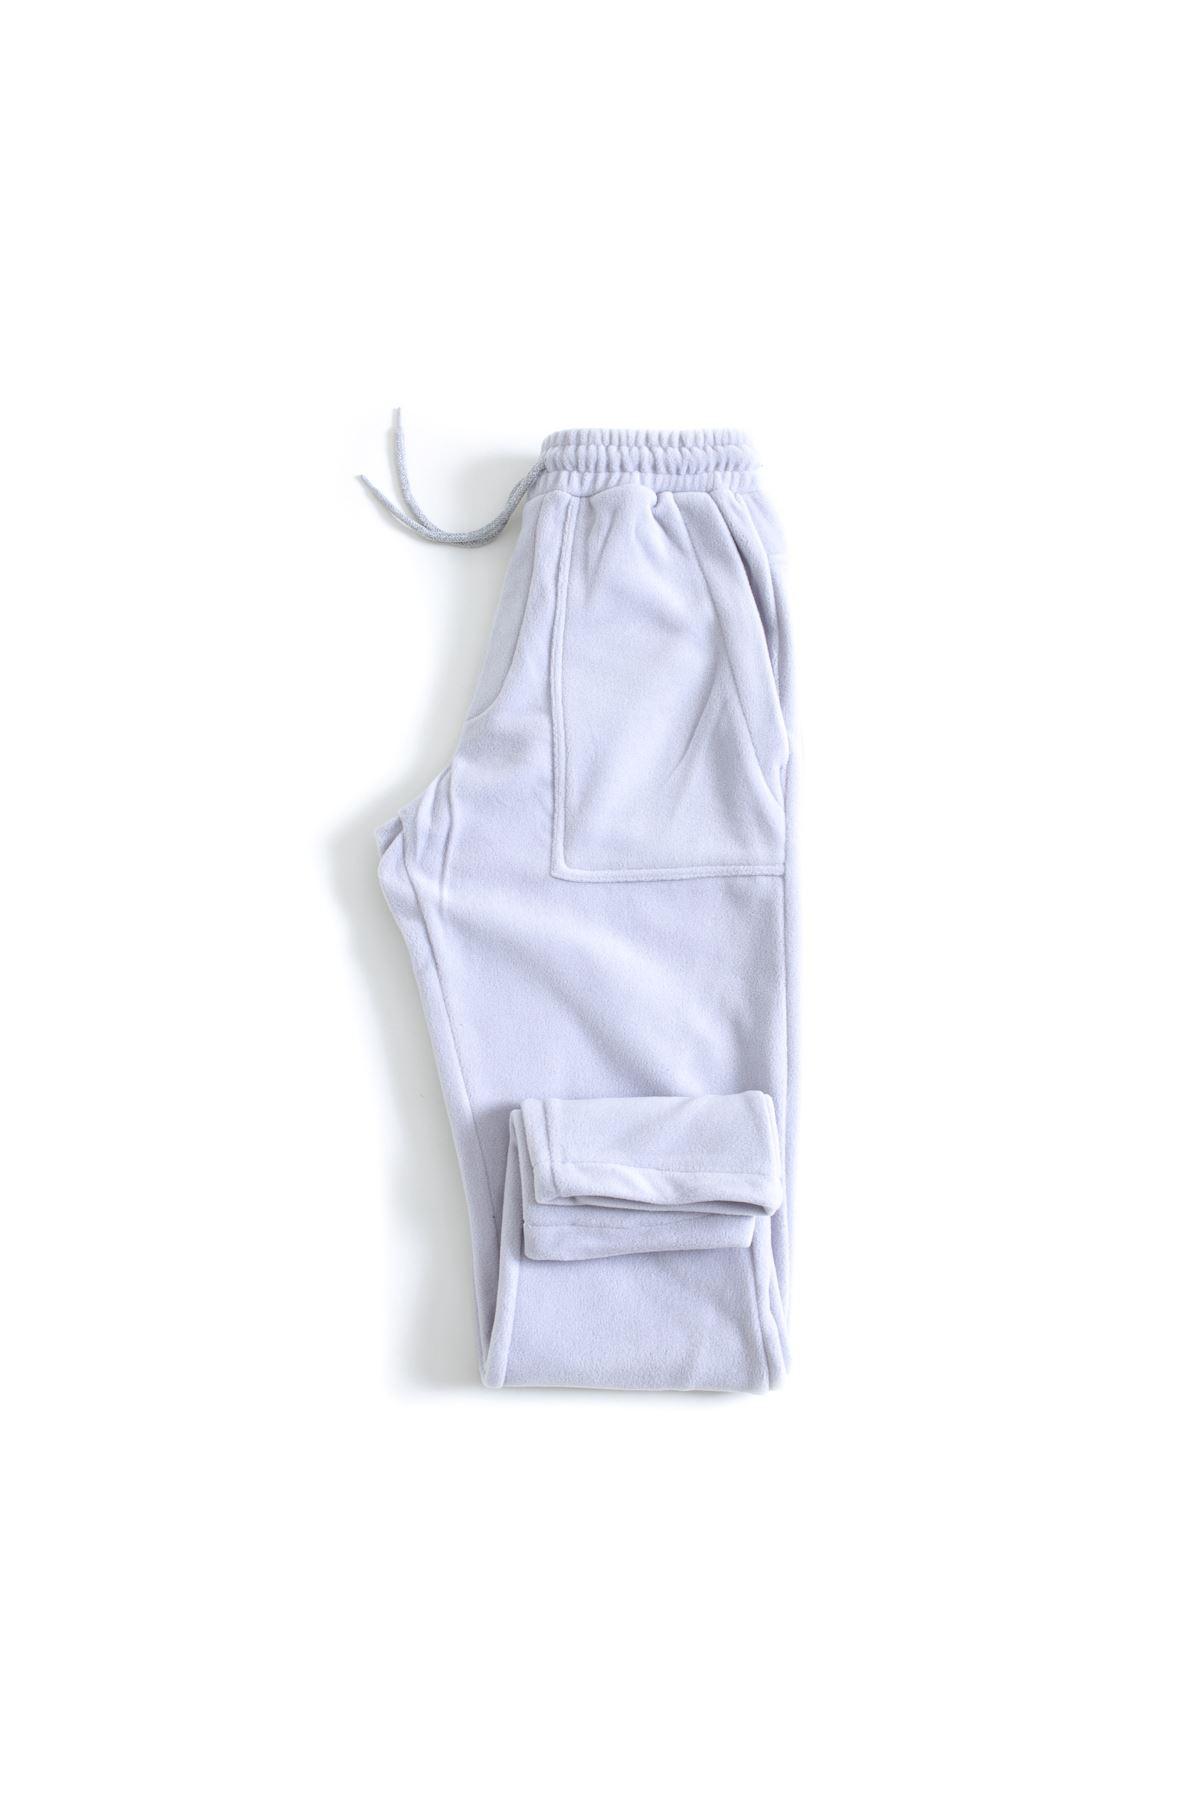 Açık Gri Polar Jogger Pantolon